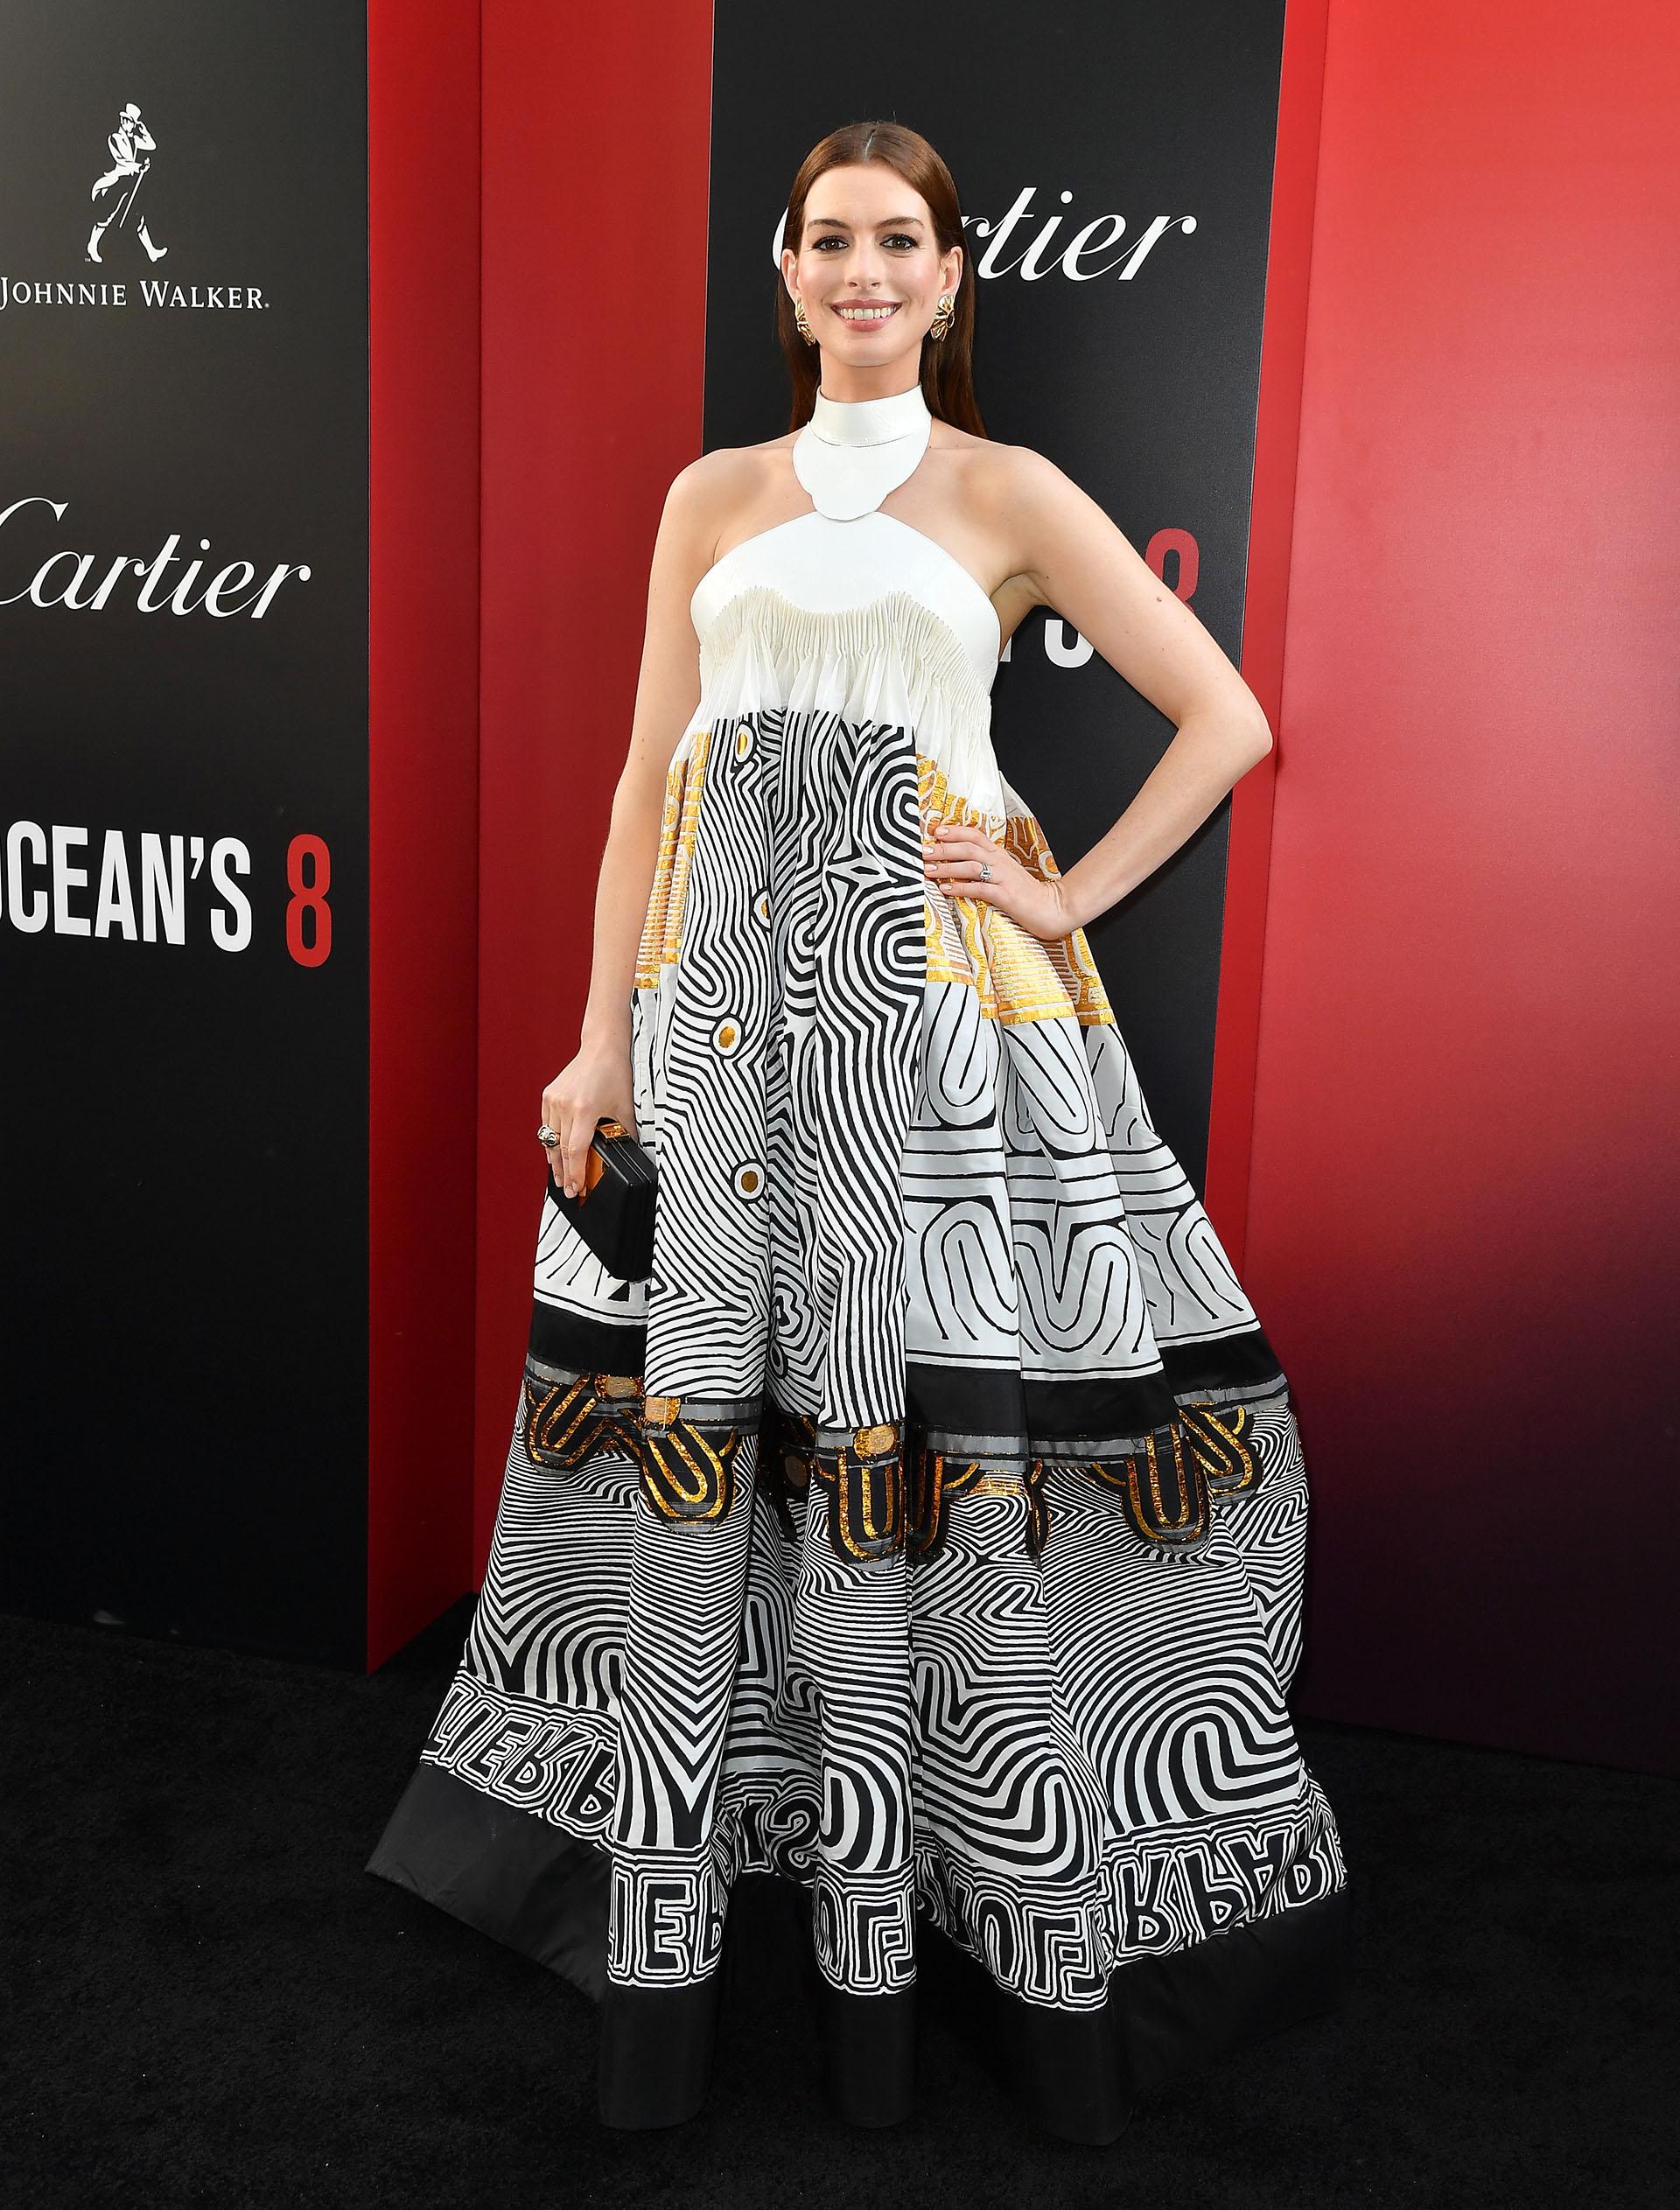 Anne Hathaway eligió un diseño amplio en blanco y negro, con detalles en oro y amarillo